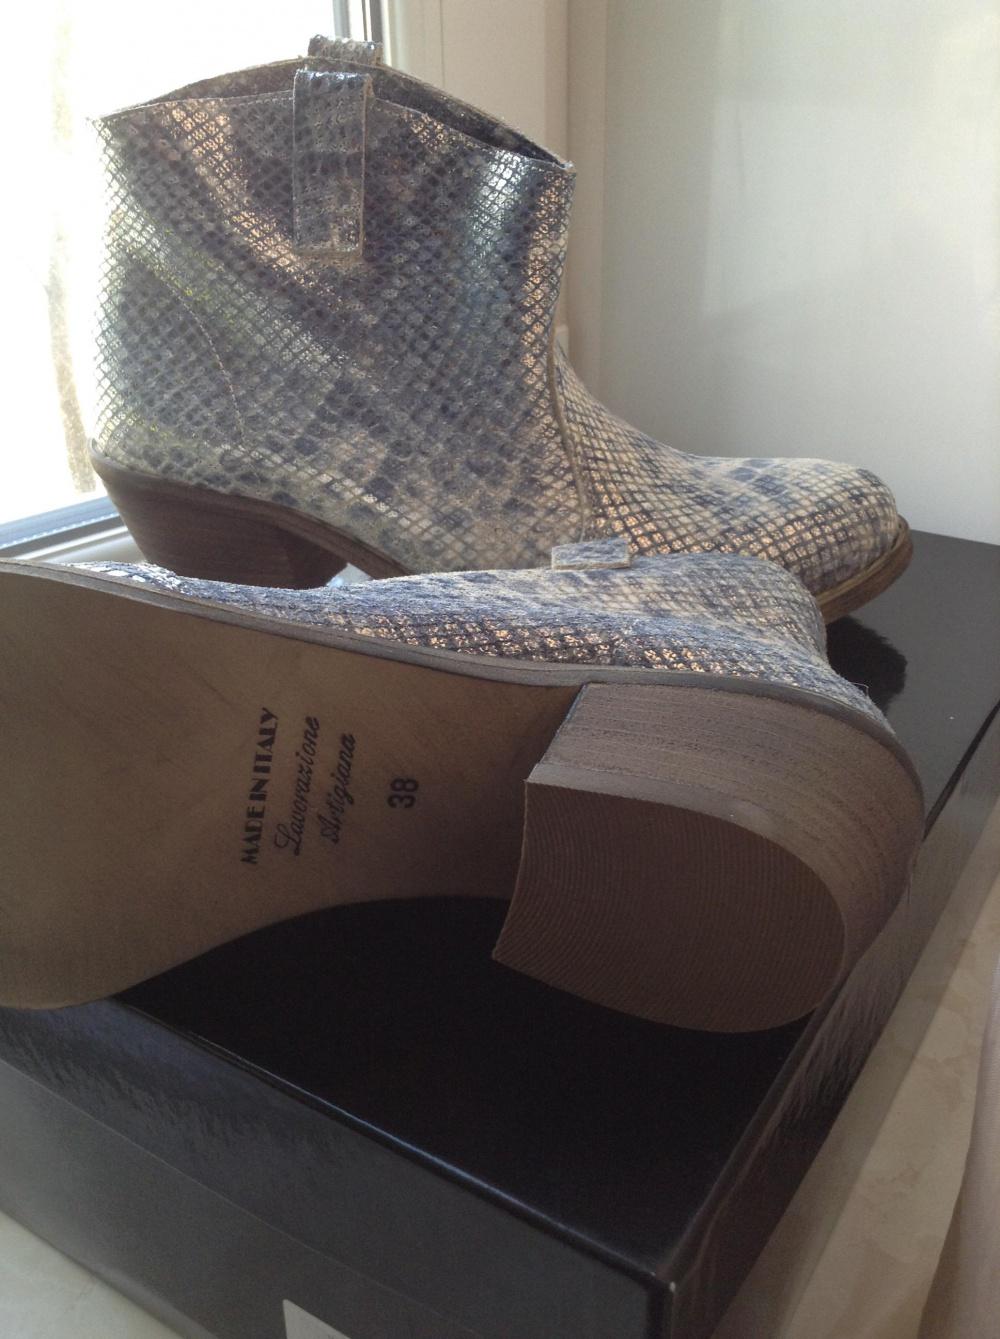 Ботинки Fabrizio Chini, 38 размер